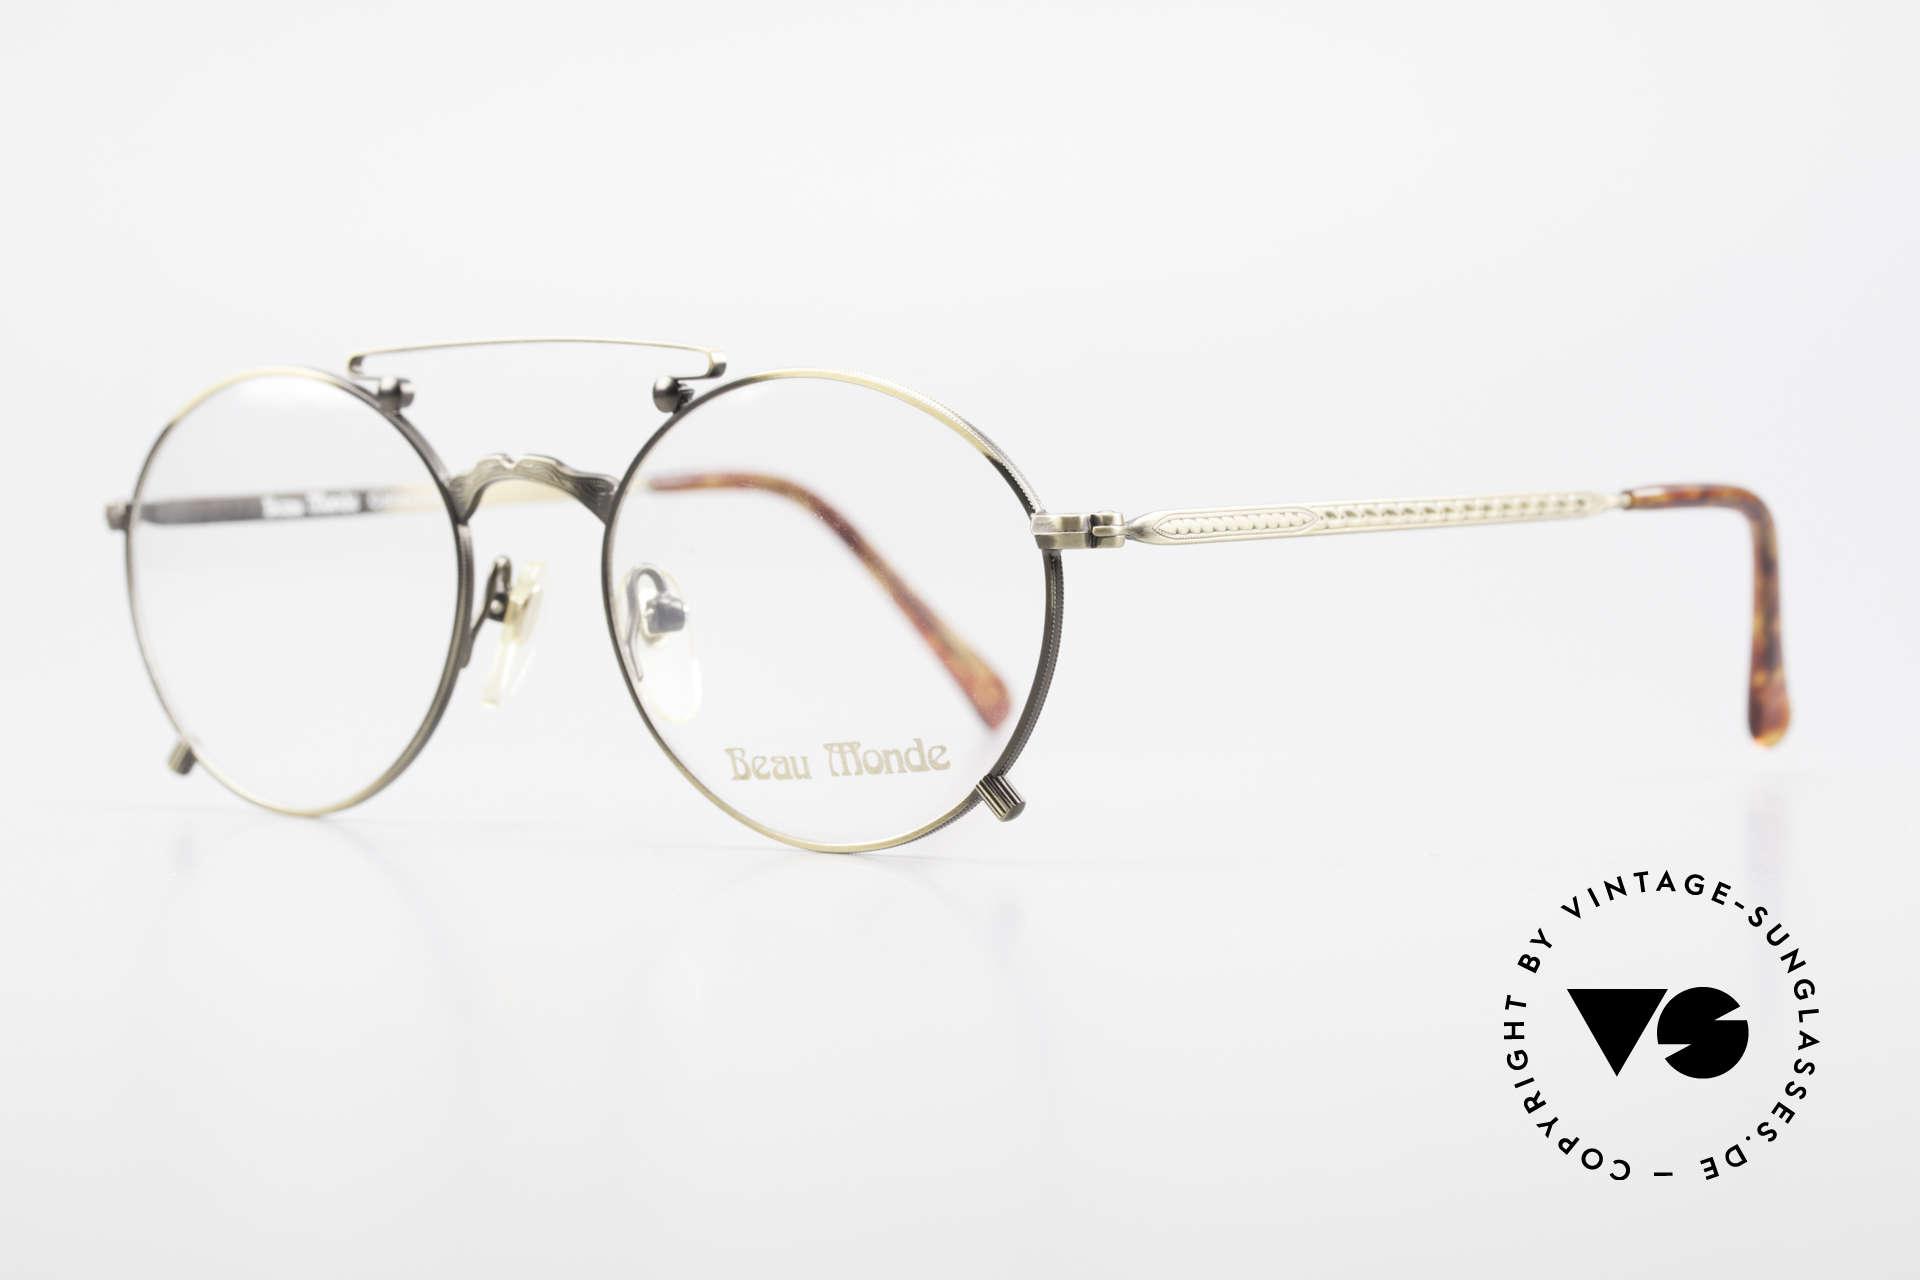 Beau Monde Knightsbridge Alte Vintage Brille 90er Insider, Modell-Namen nach schönen Orten dieser Welt benannt, Passend für Herren und Damen